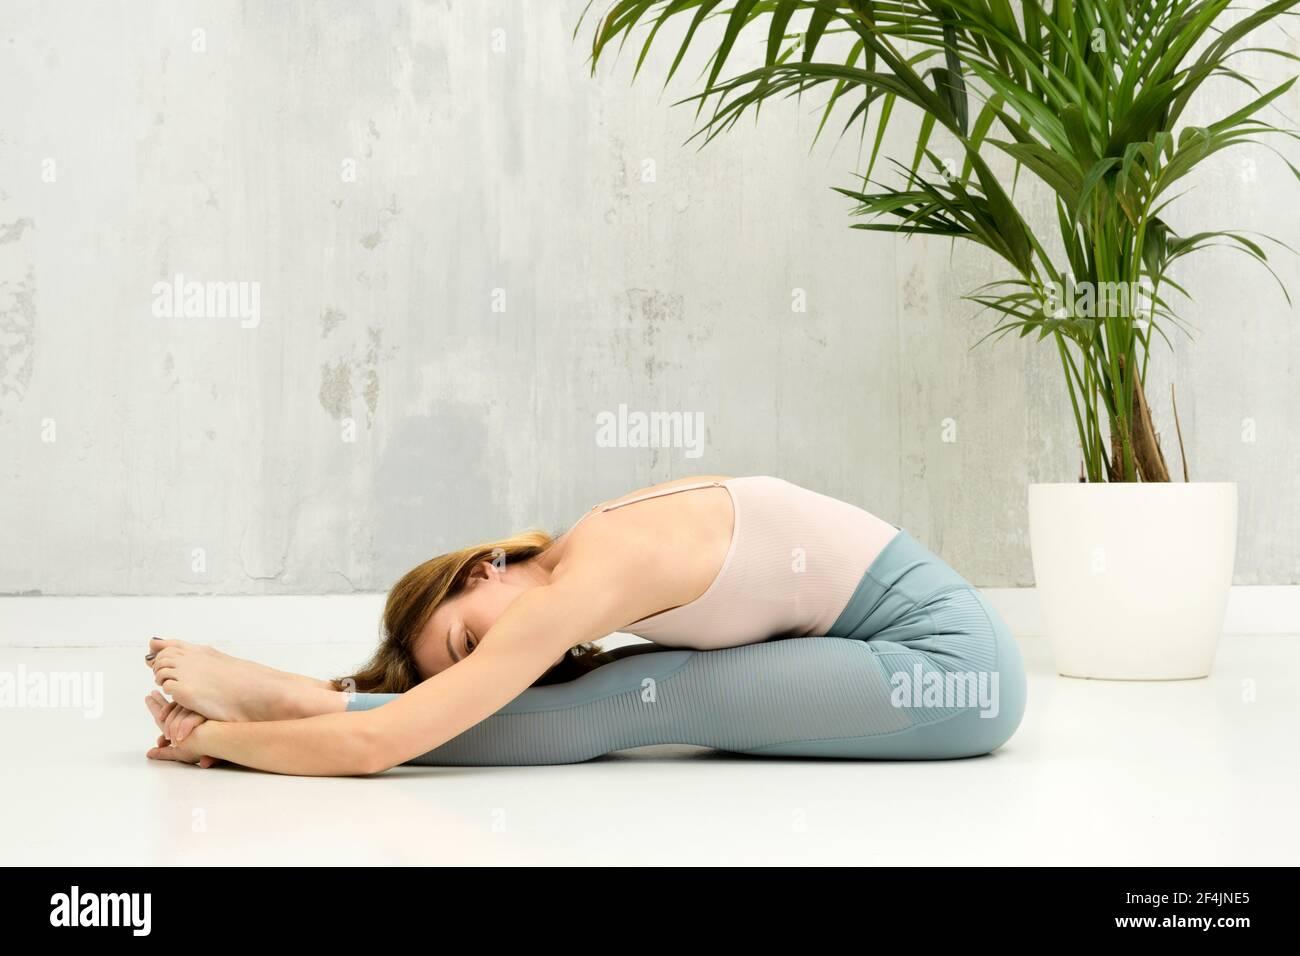 Donna che fa una Pascimottanasana o seduta Forward Bend yoga posa per rilassarsi e allungare le gambe e la colonna vertebrale con copyspace su una parete grigia oltre Foto Stock